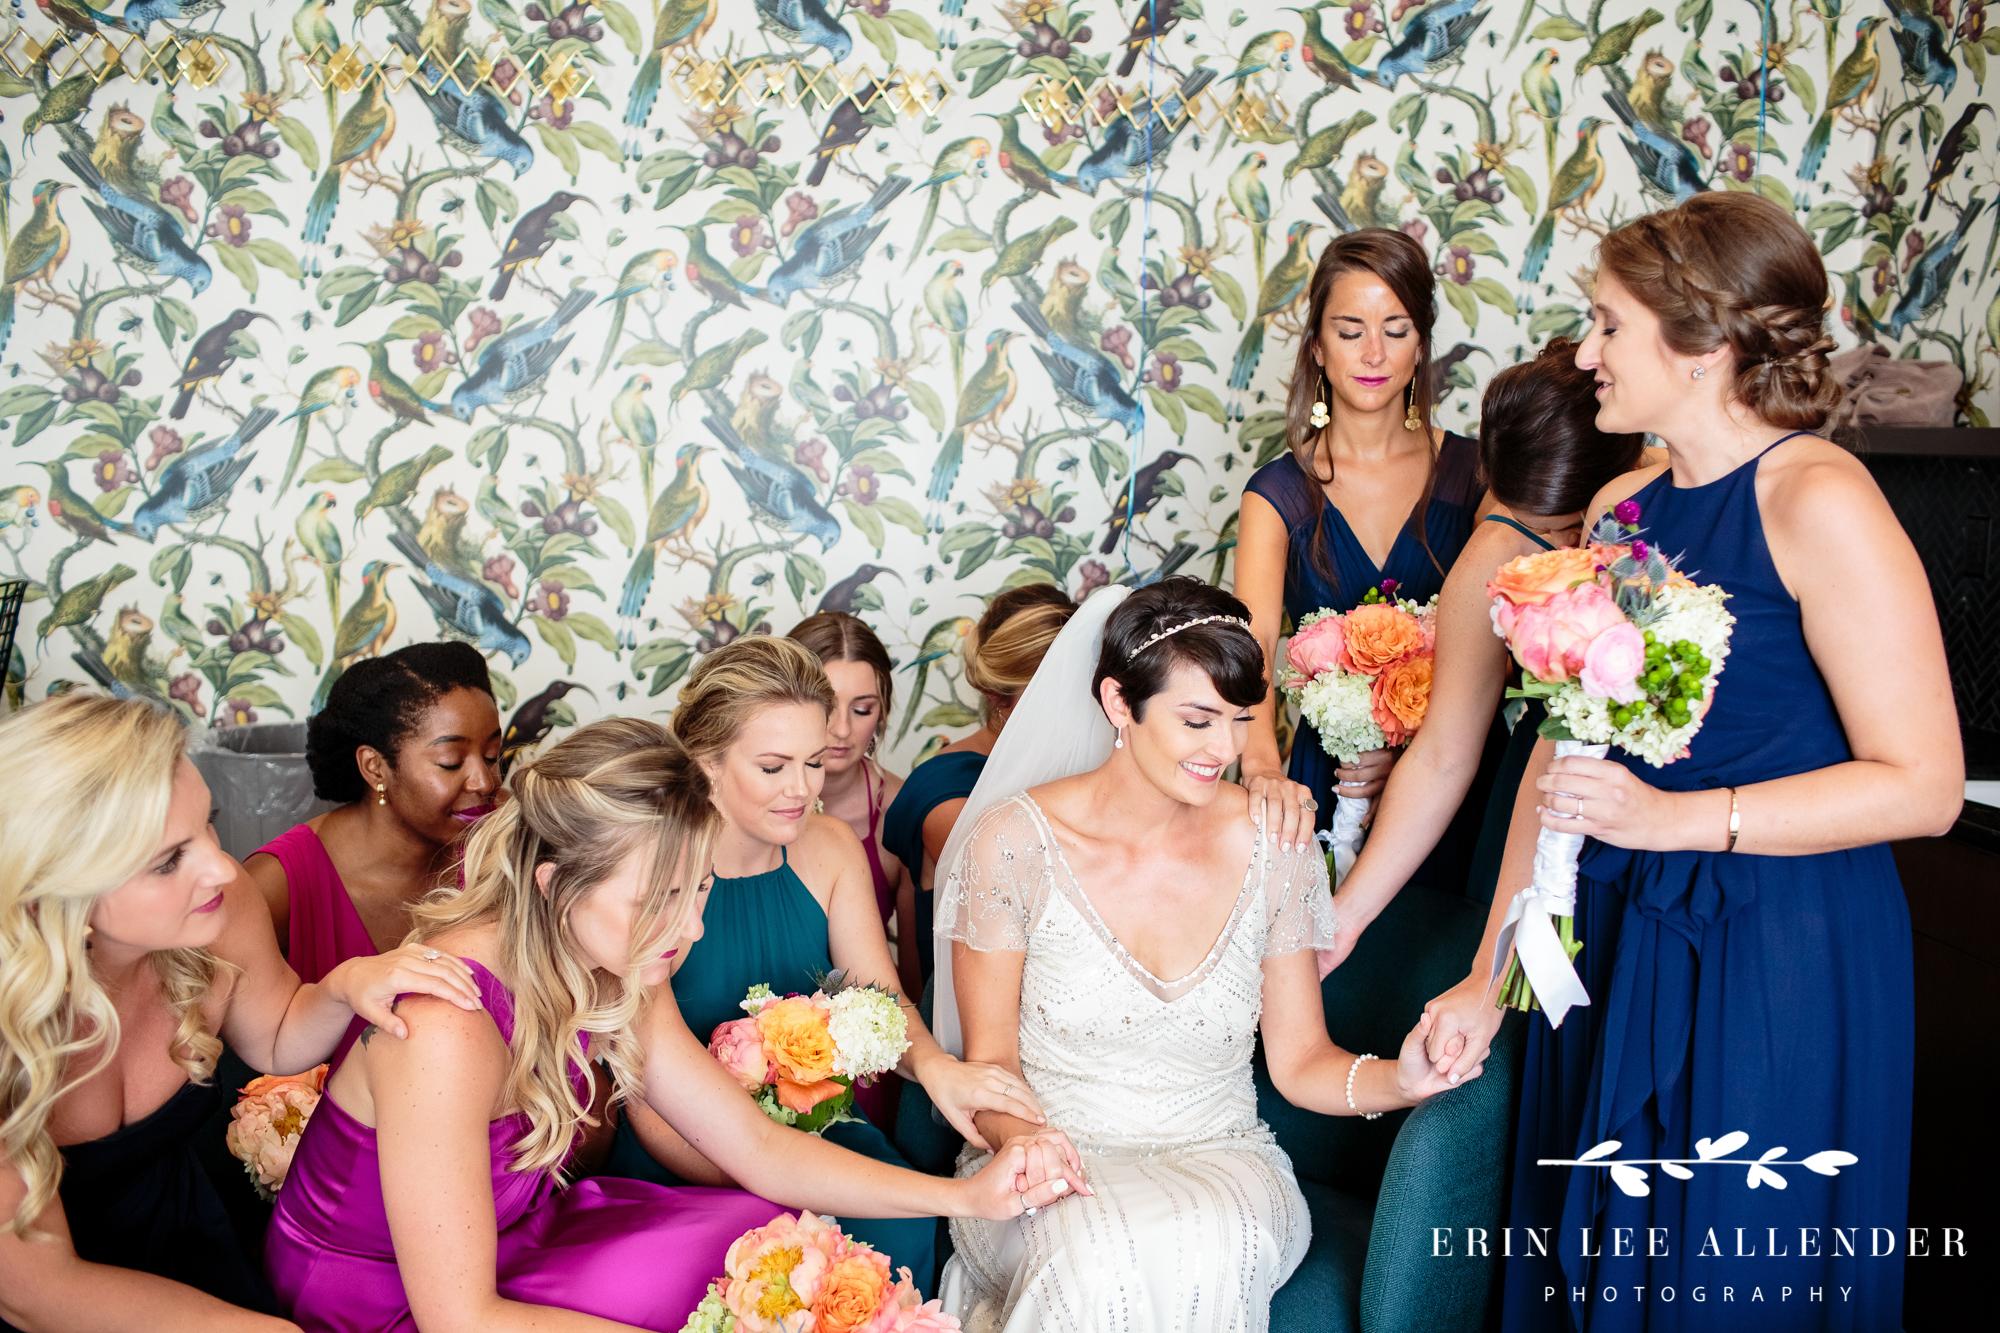 praying-over-bride